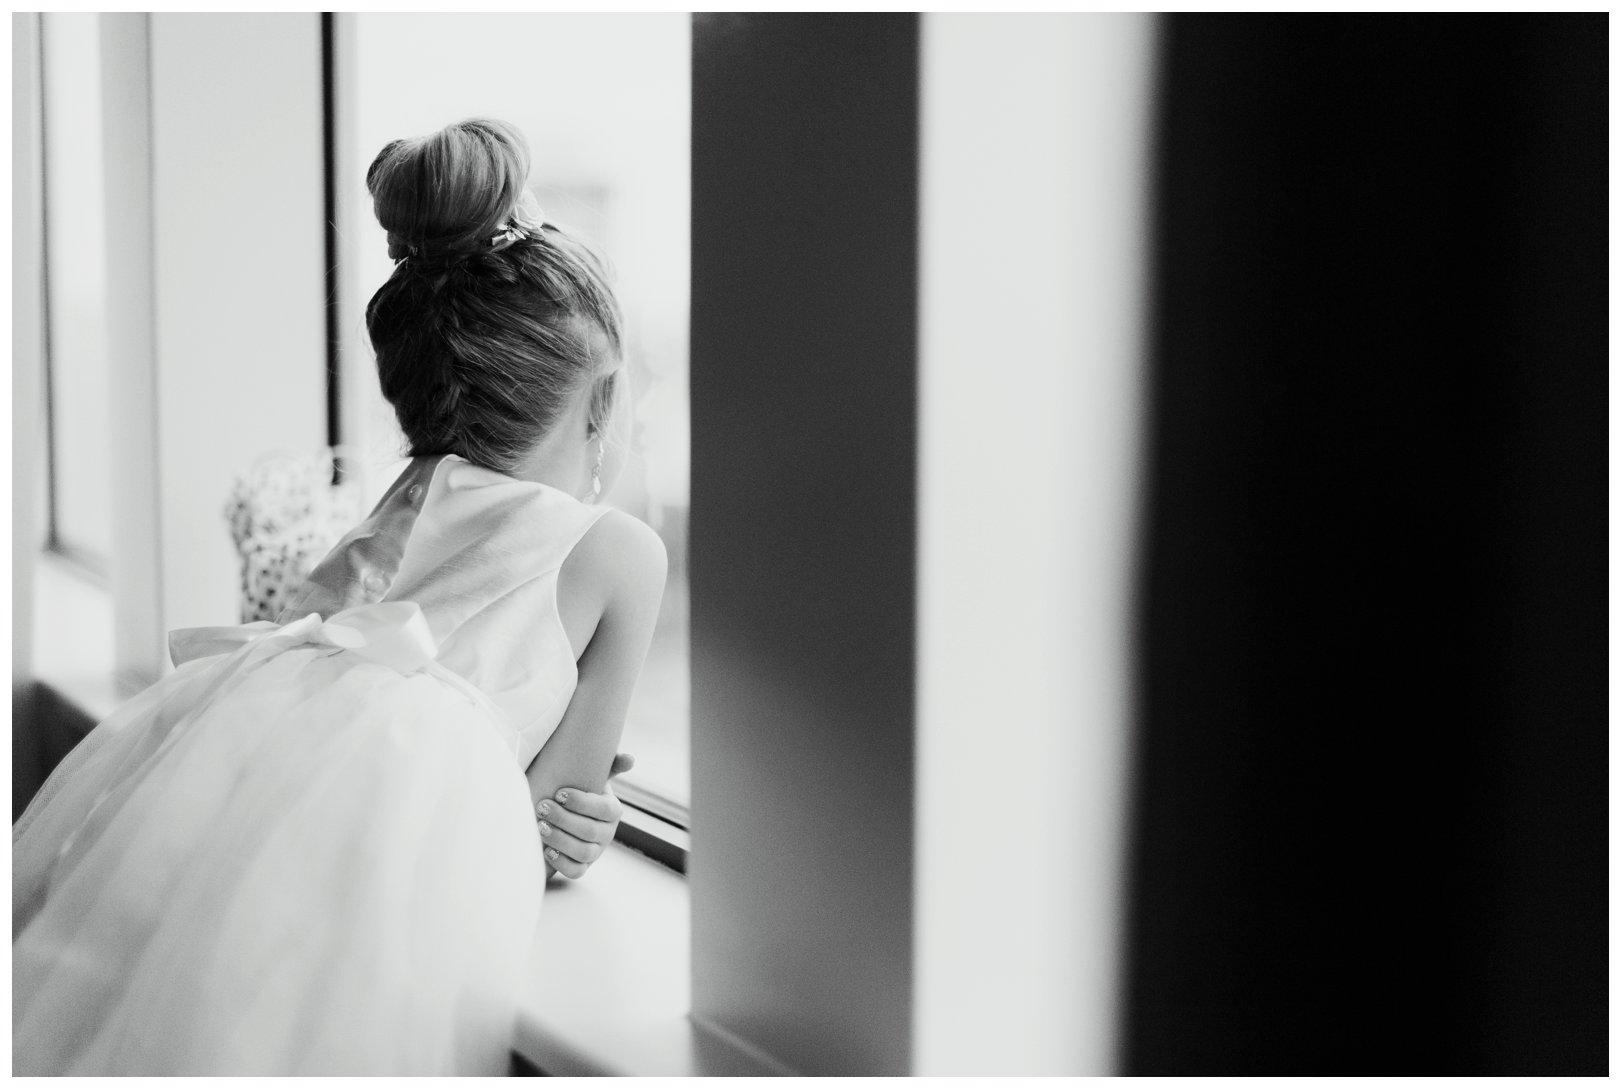 lauren muckler photography_fine art film wedding photography_st louis_photography_2126.jpg